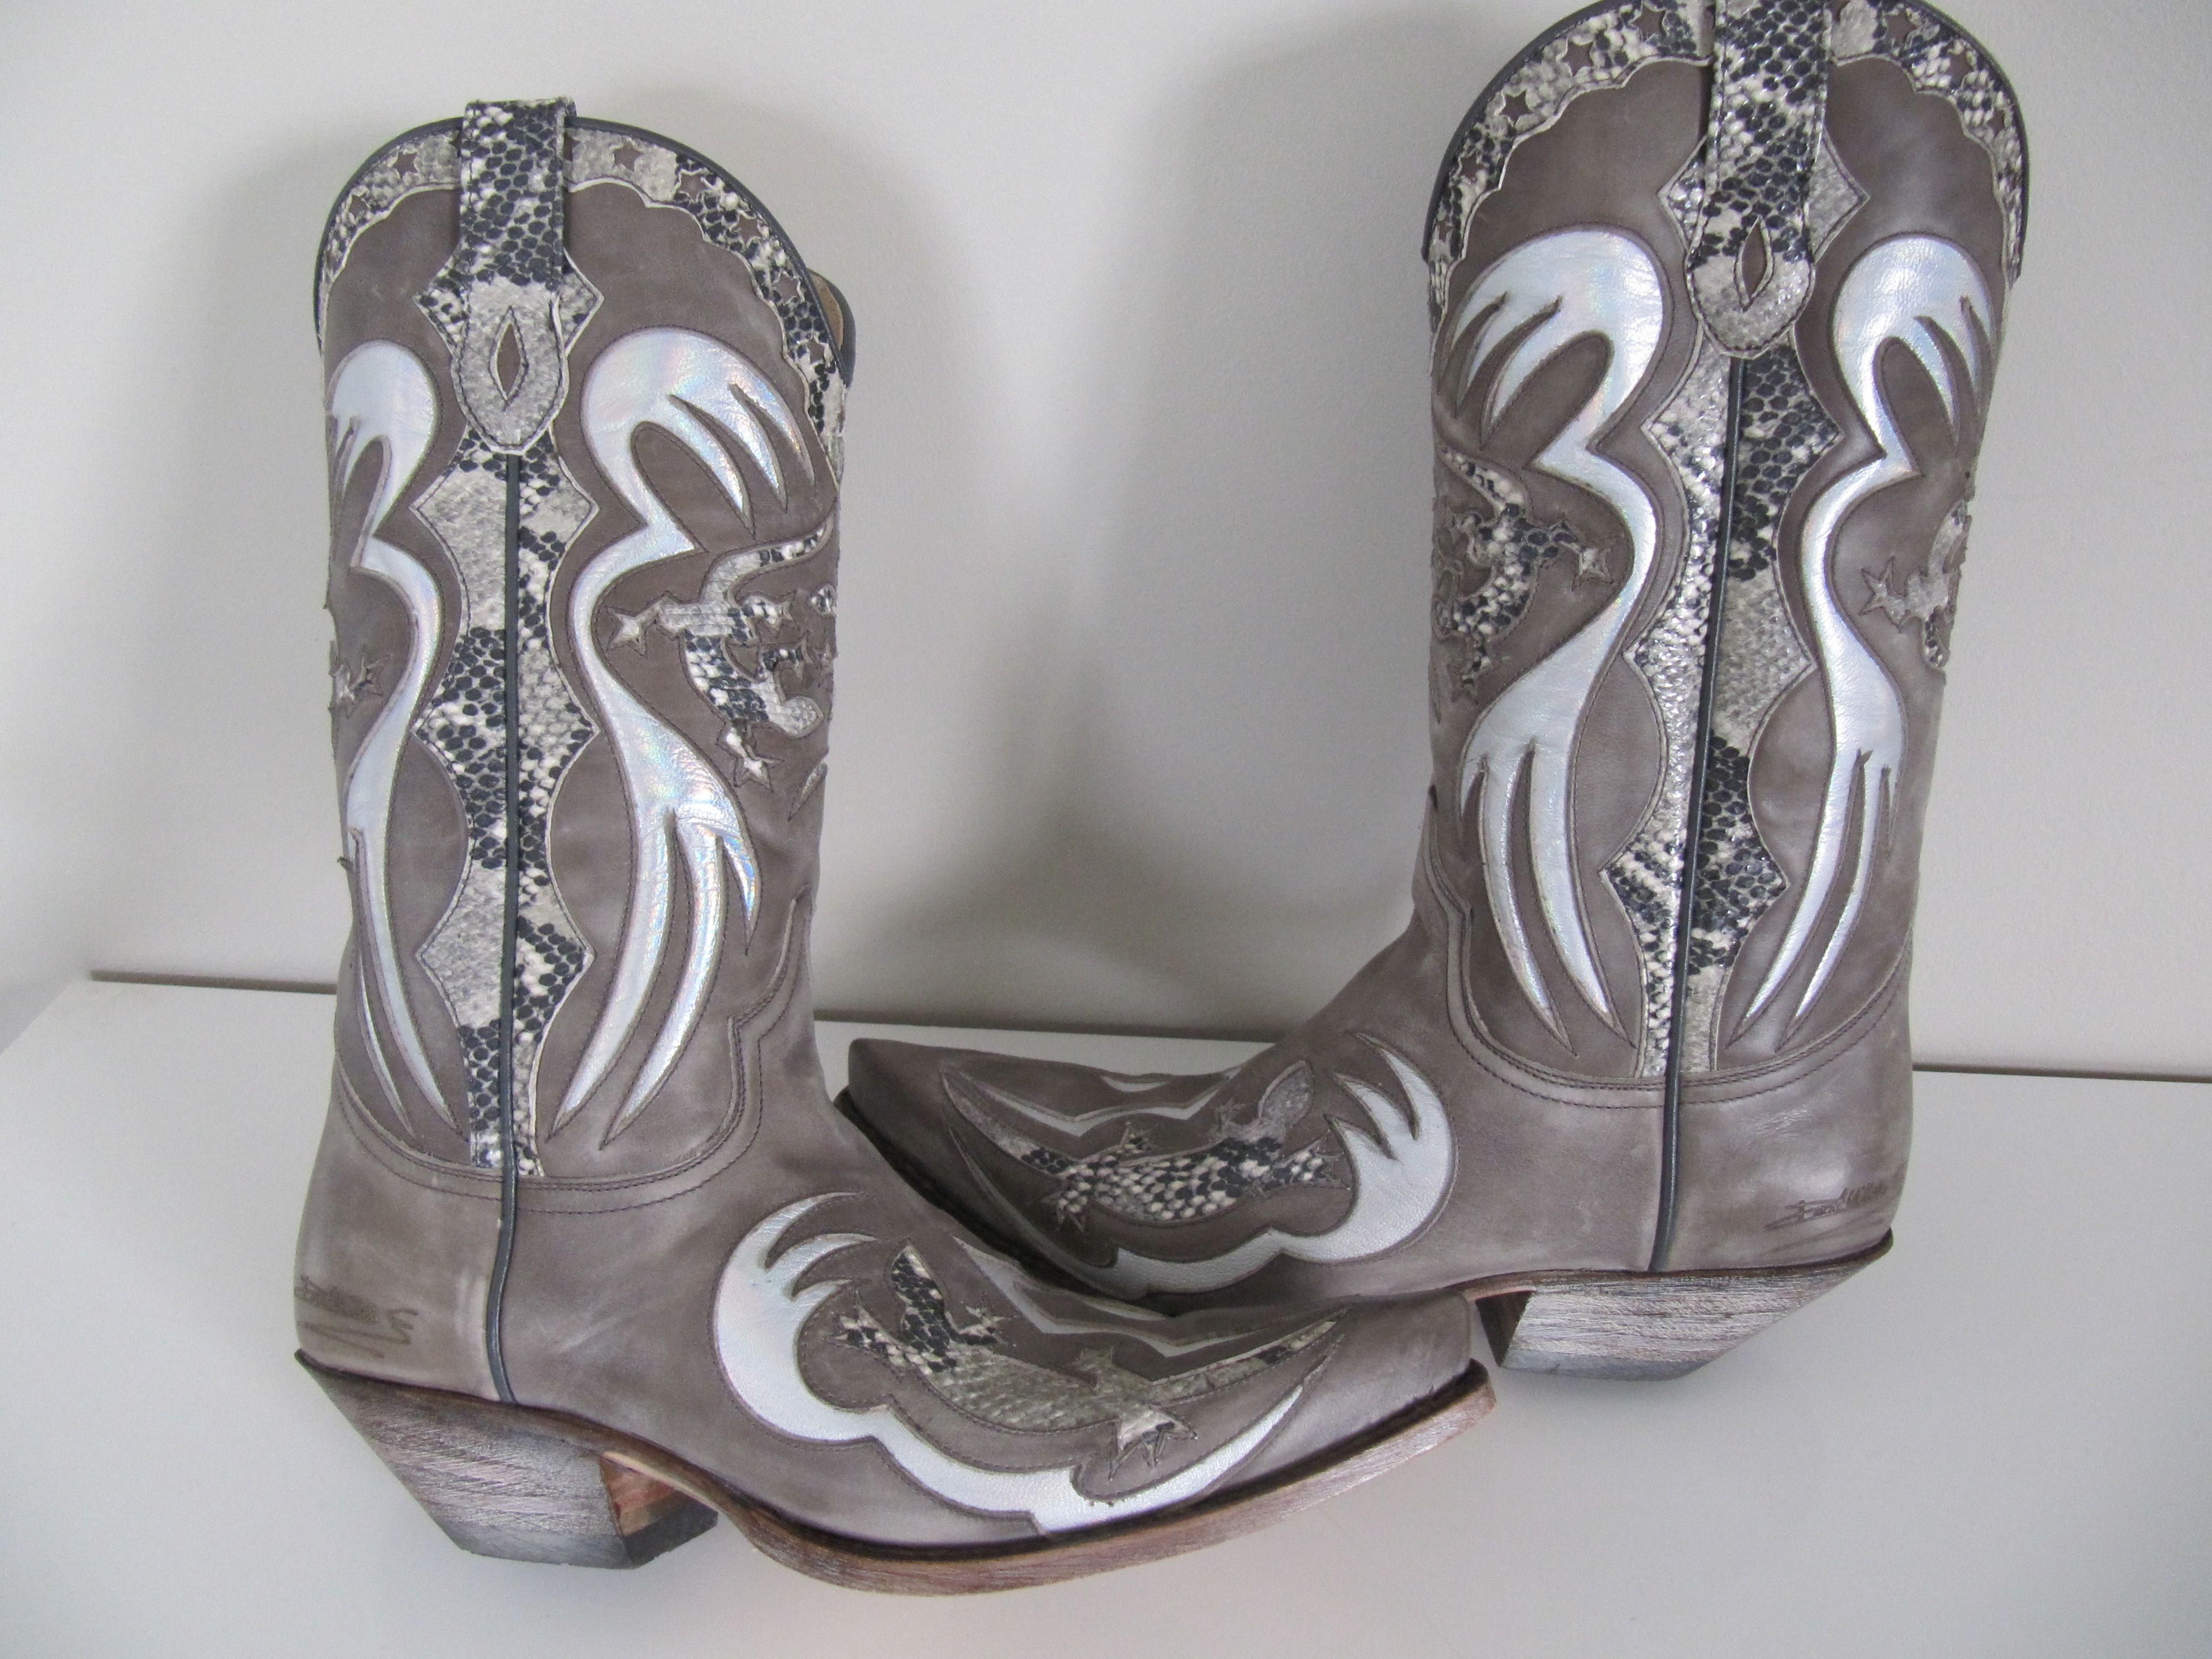 9c11fad5635 Bottes Sendra signées David Villellas Cowboy Boots